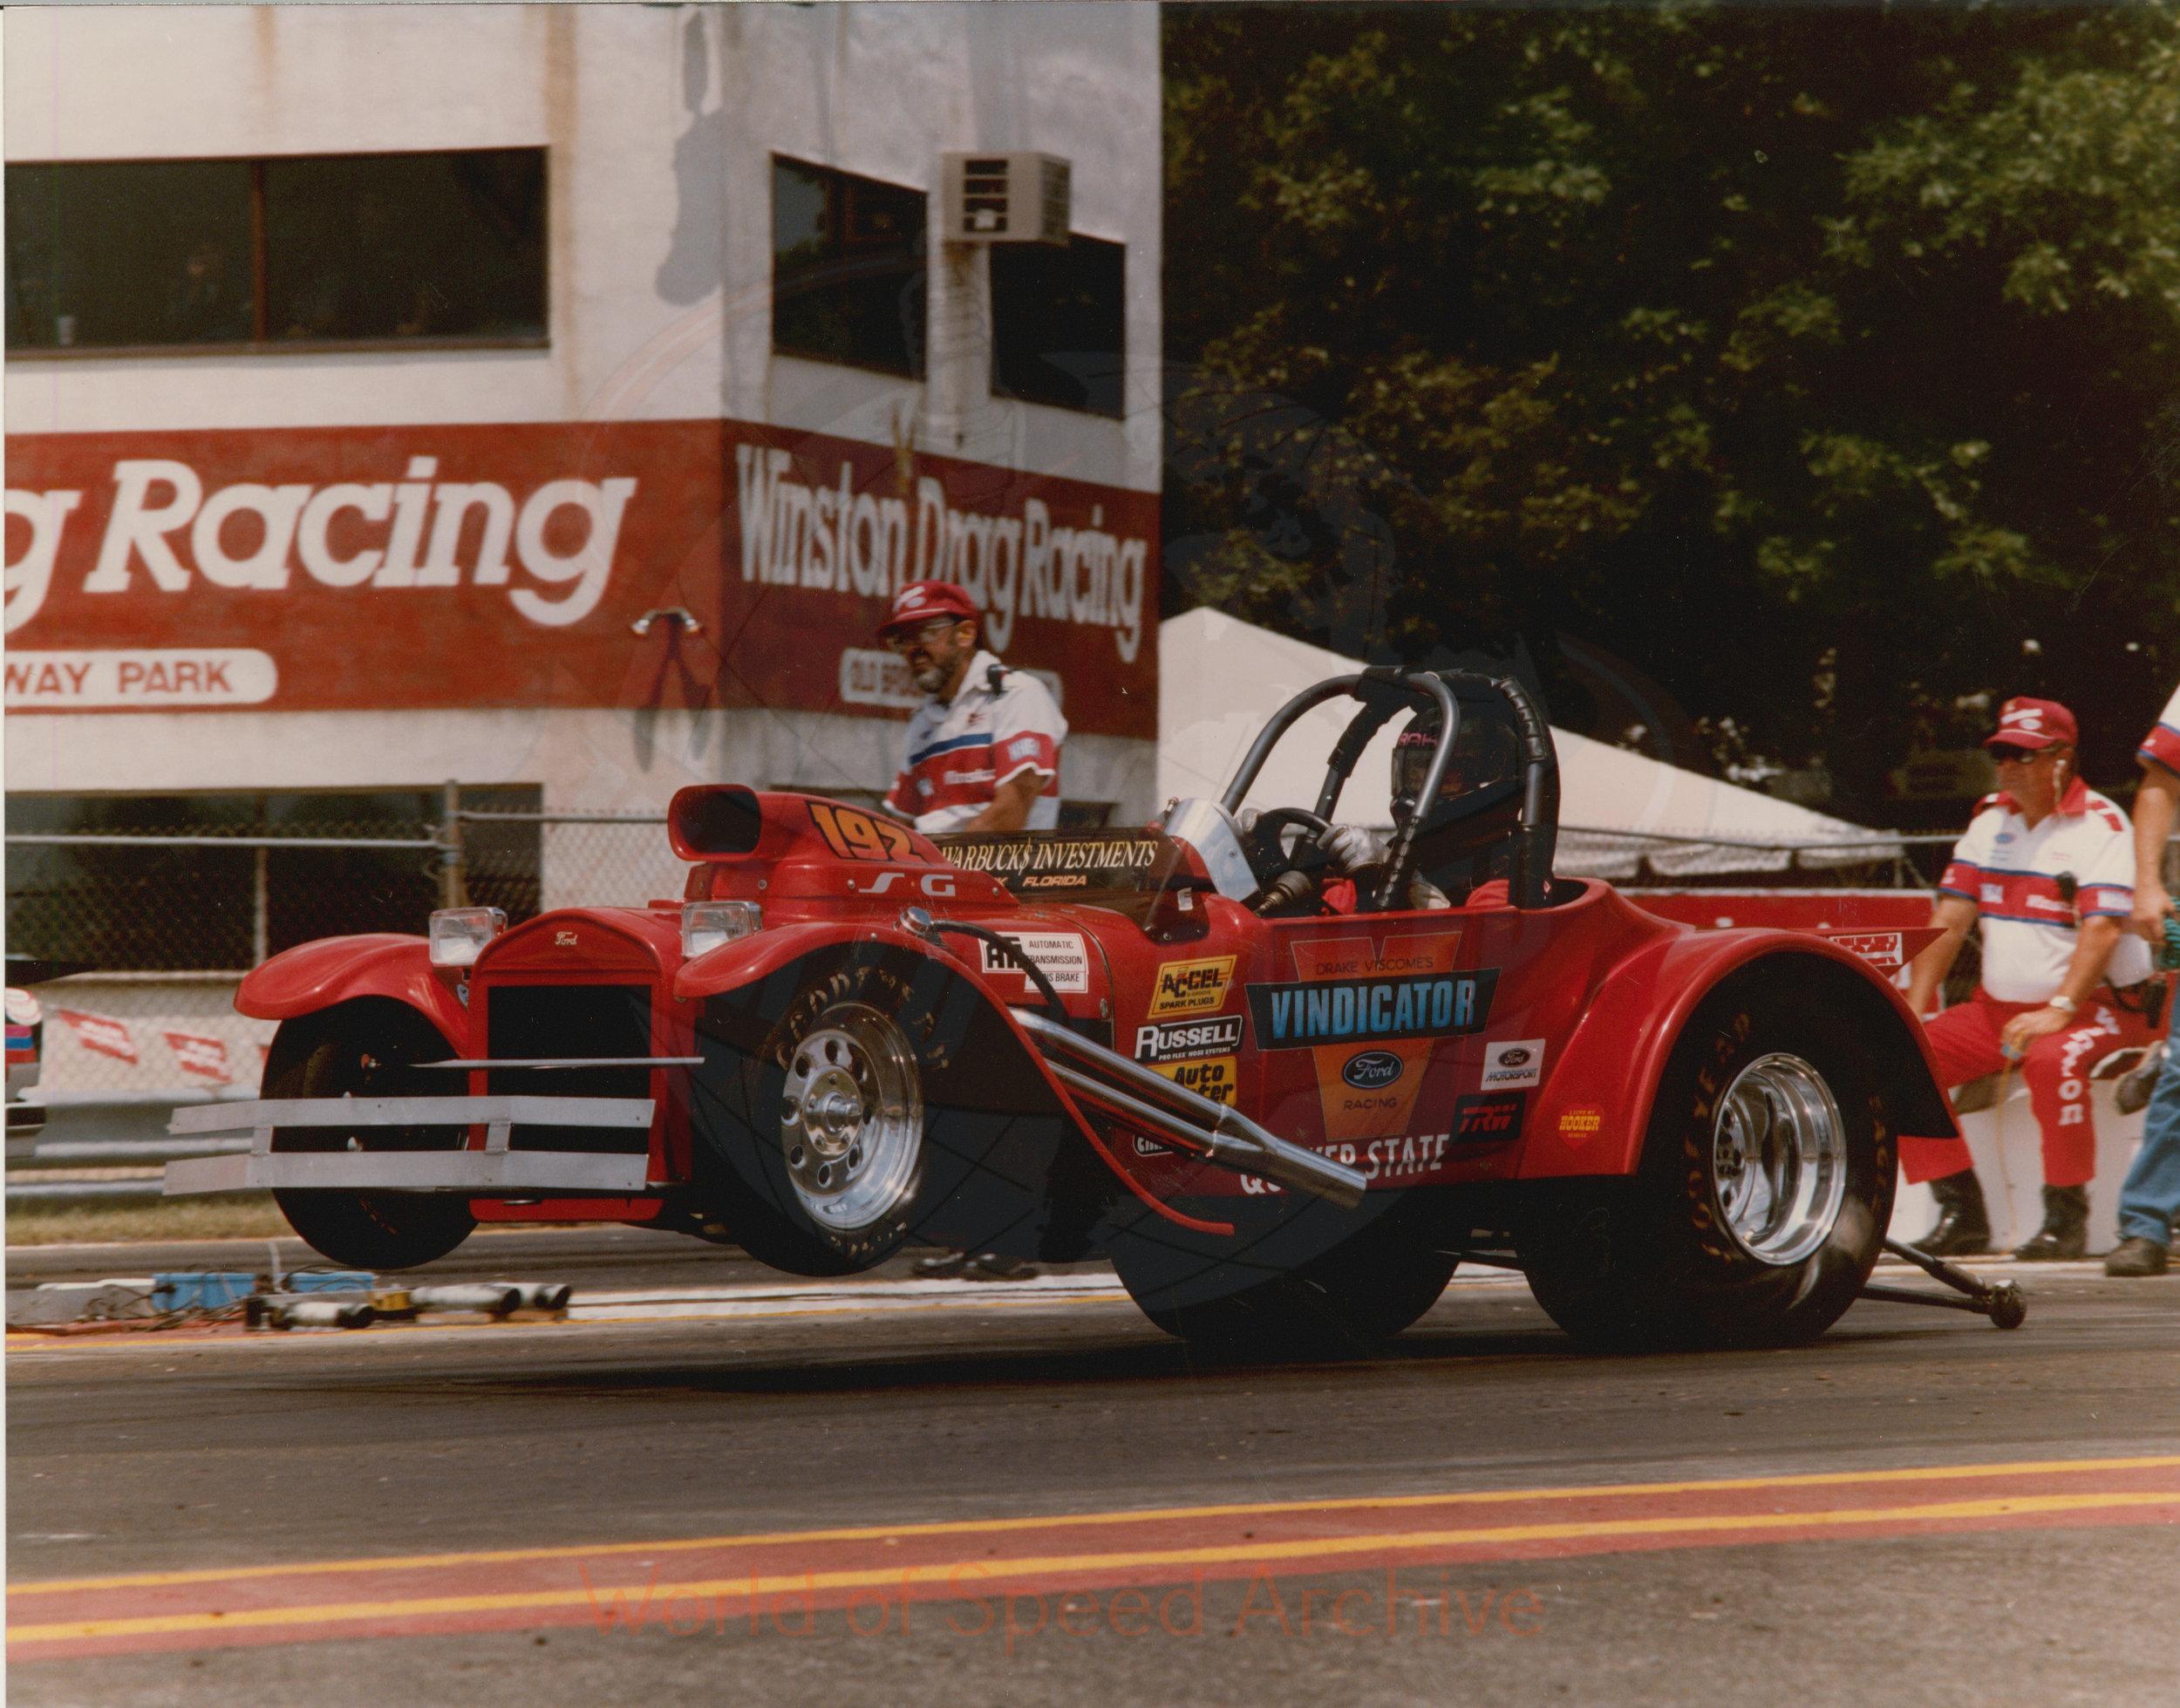 B8-S3-G1-F36-003 - Winston Drag Racing, Vindicator